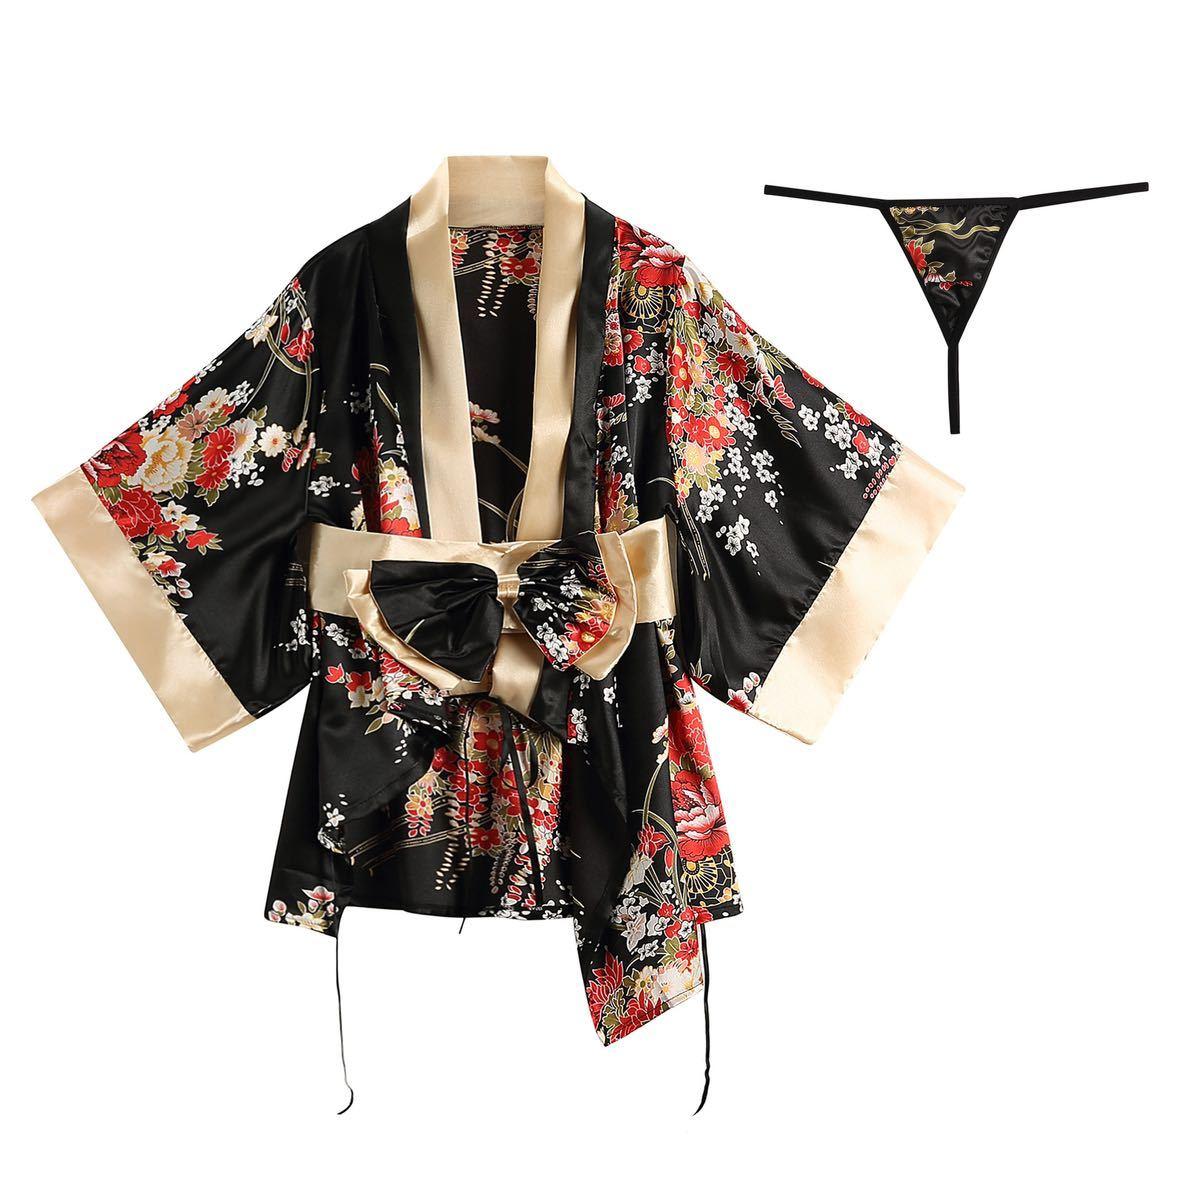 セクシーランジェリー 浴衣 和風 着物ドレス ナイトウエア 花柄 花魁 コスプレ衣装 Tバック 和服コスプレ衣装セット レッド